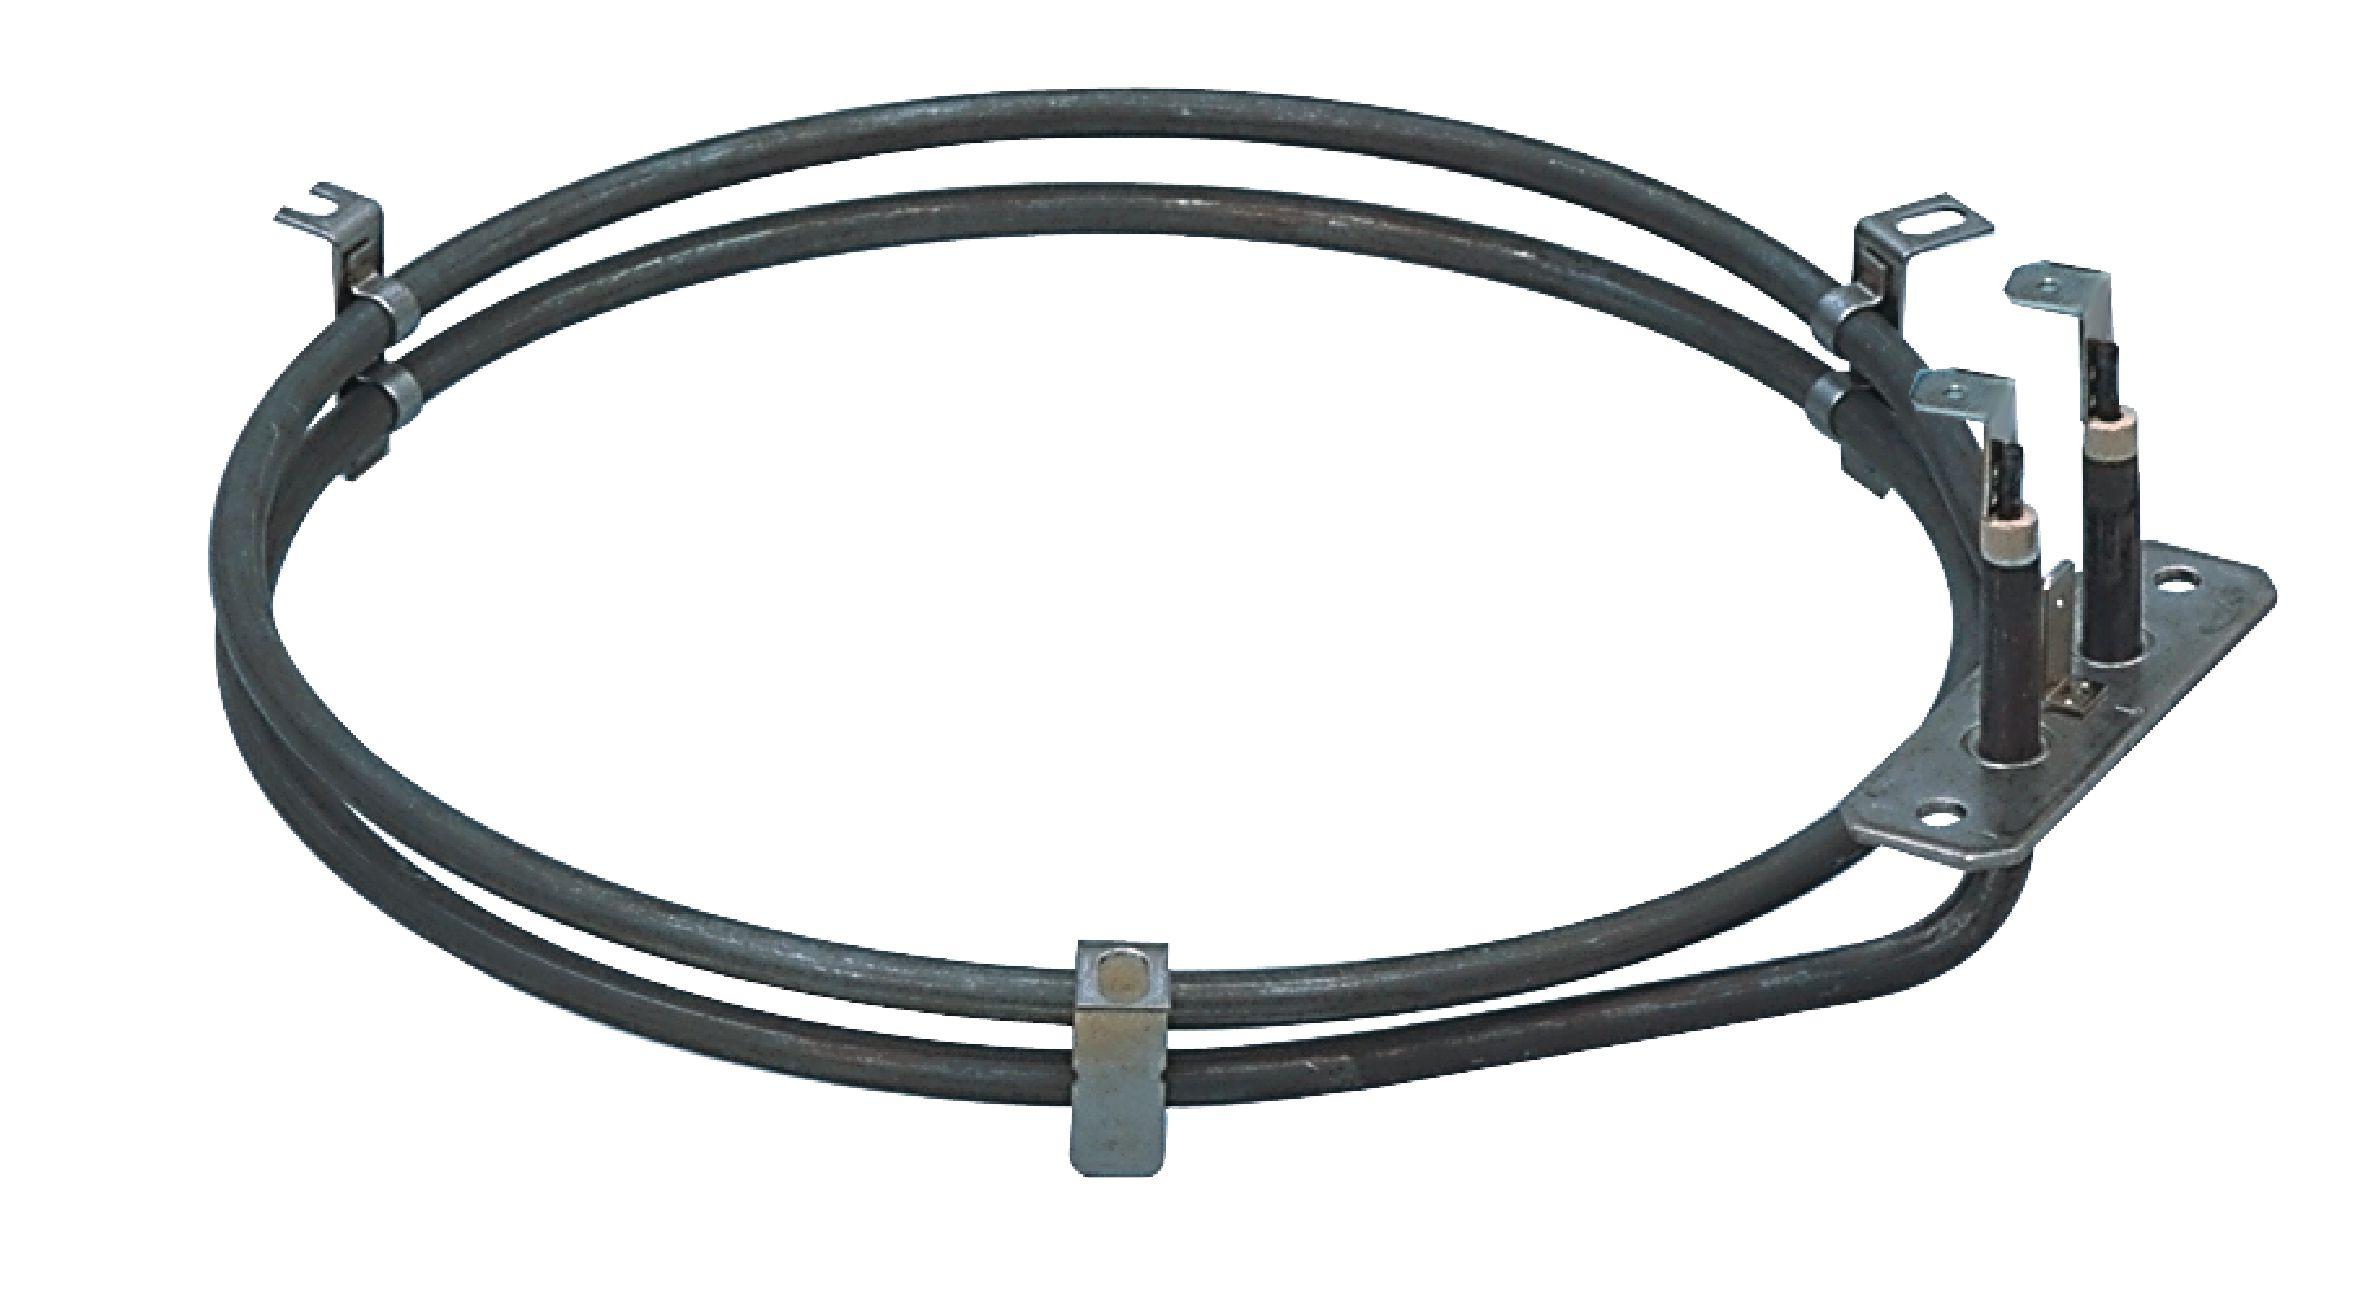 Topné těleso do trouby kruhové 205 mm, 2450 W EGO 2019579050